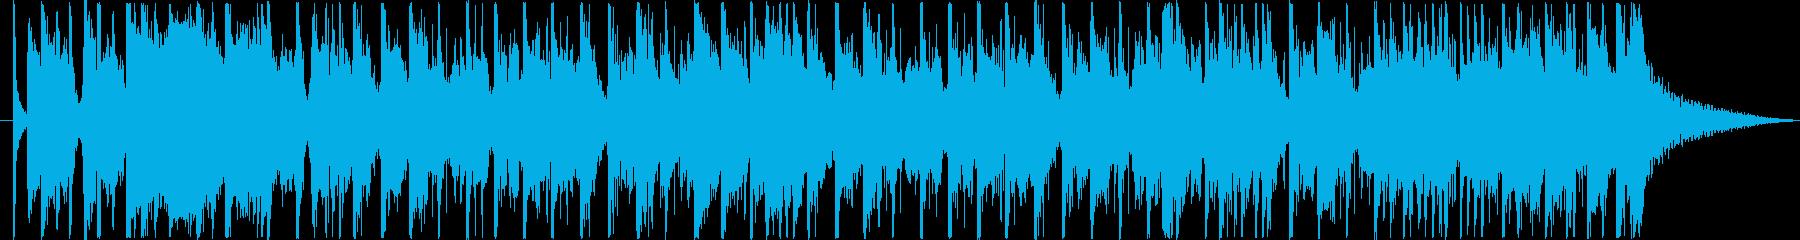 コーナータイトル_情報番組30秒Bの再生済みの波形